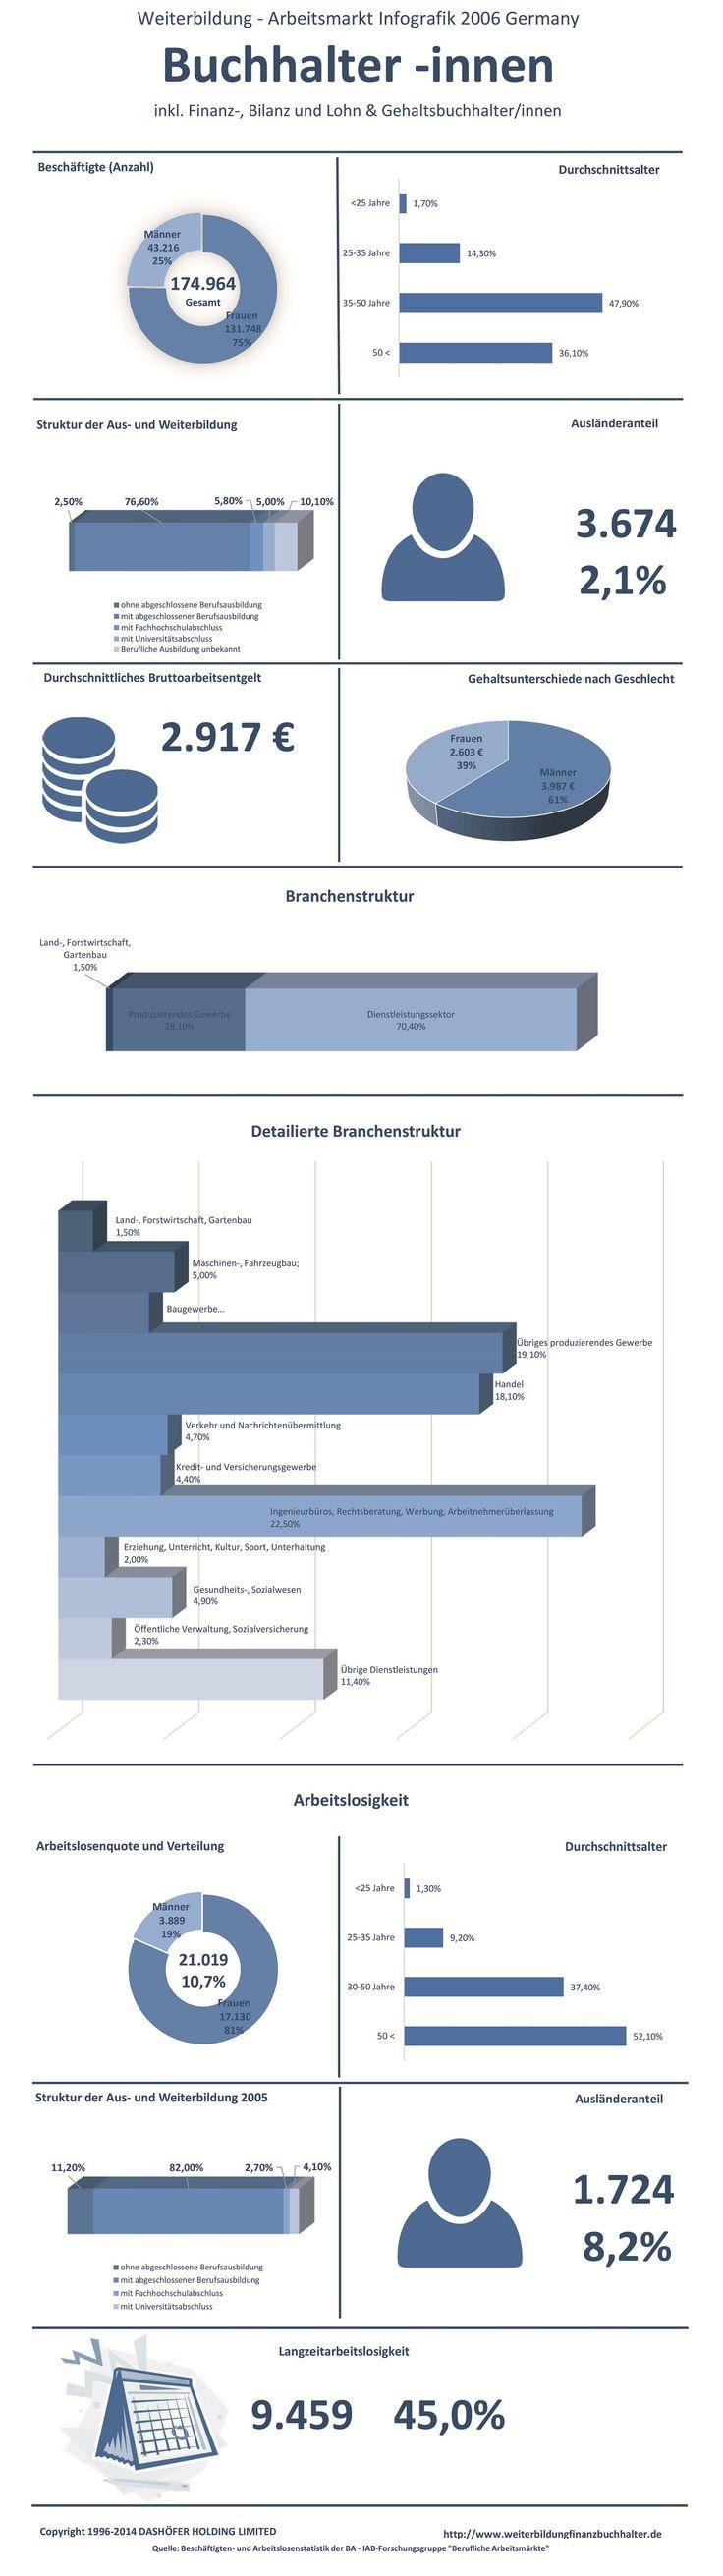 Die Infografik zu Weiterbildung, Gehalt und Arbeitsmarkt der Berufsgruppe Buchhalter inkl. Finanzbuchhalter, Bilanzbuchhalter, Lohn- und Gehaltsbuchhalter in Deutschland, 2006. Hier finden sie alle notwendigen Daten zum Berufsbild eines Finanzbuchhalters, Buchhalters etc. inklusive der Branchen, in denen  Finanzbuchhalter eingesetzt werden, der Auslaenderanteil und die Arbeitslosenquote. Die Daten sind auf dem Stand des Jahres 2006.